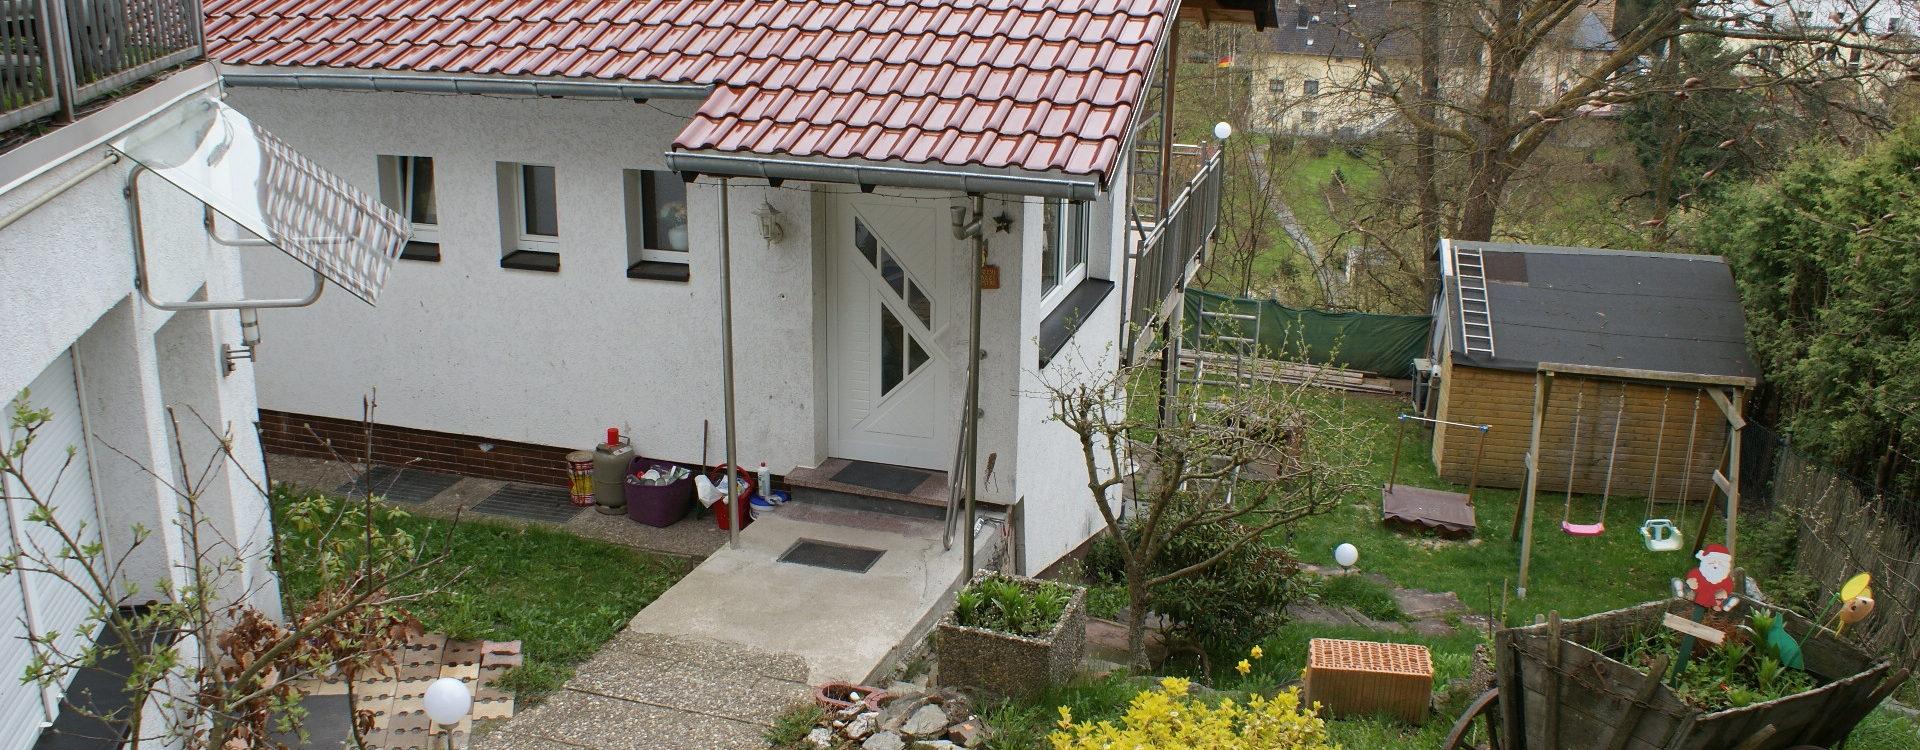 Zwei zum Preis von einem ! – ca. 5 % Rendite! – Gemütliches Einfamilienhaus mit Garage, Garten und Nebenhaus mit separater Wohnung